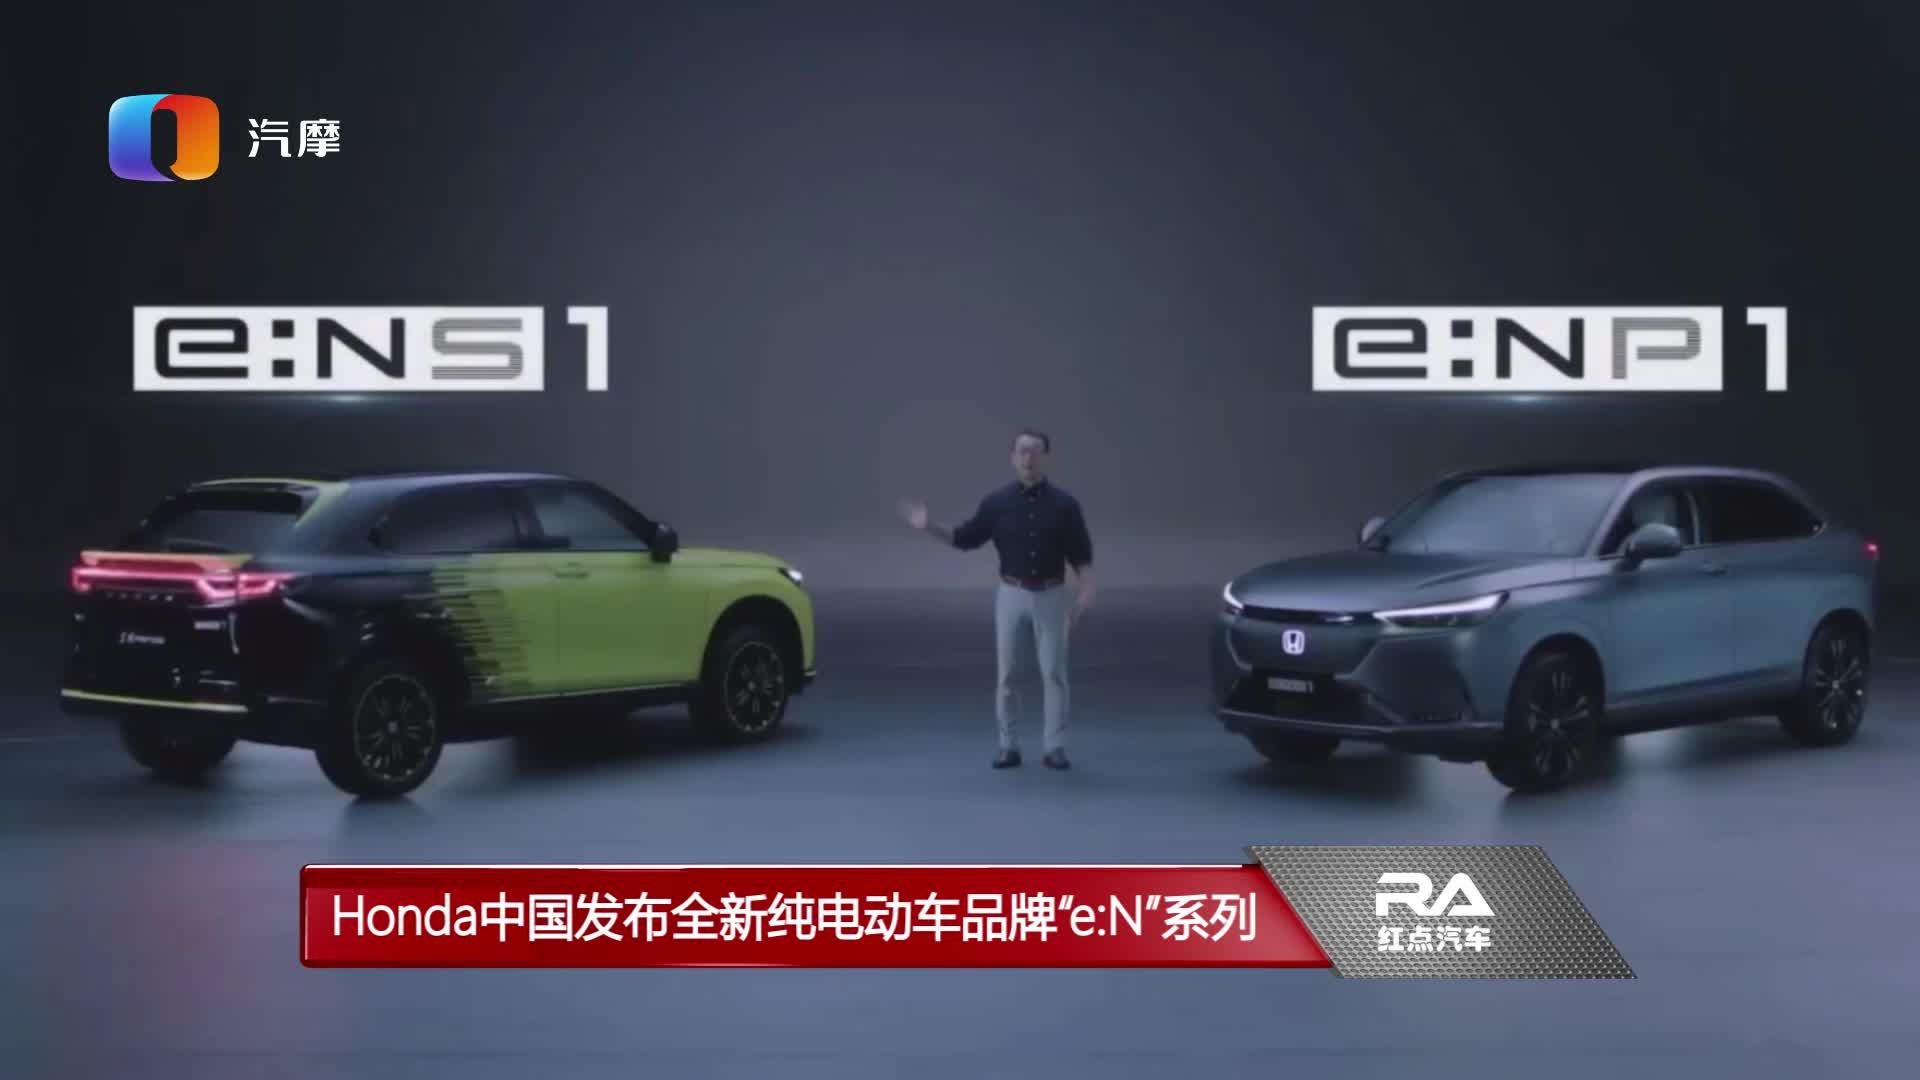 """Honda中国发布全新纯电动车品牌""""eN""""系列"""